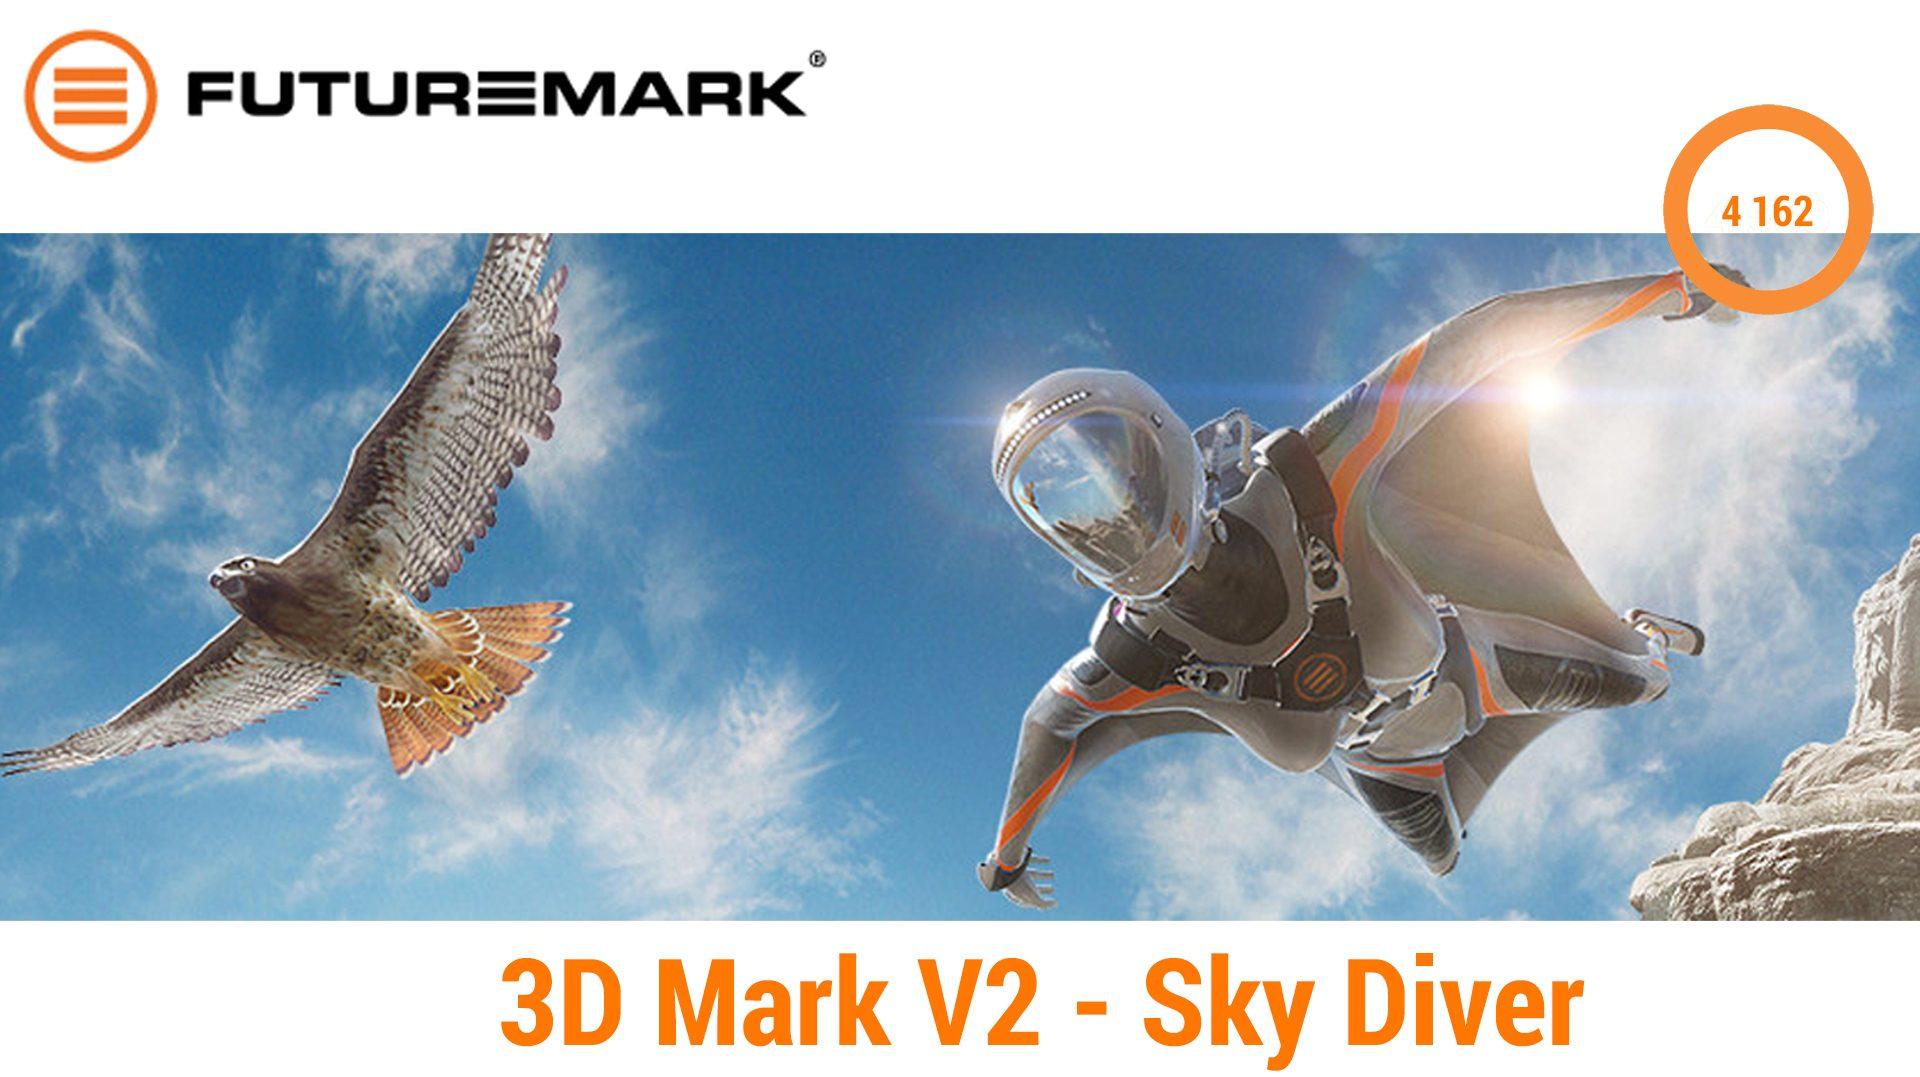 HP-Spectre-x360-15-ap006ng-3D-Mark-V2—Sky-Diver-2